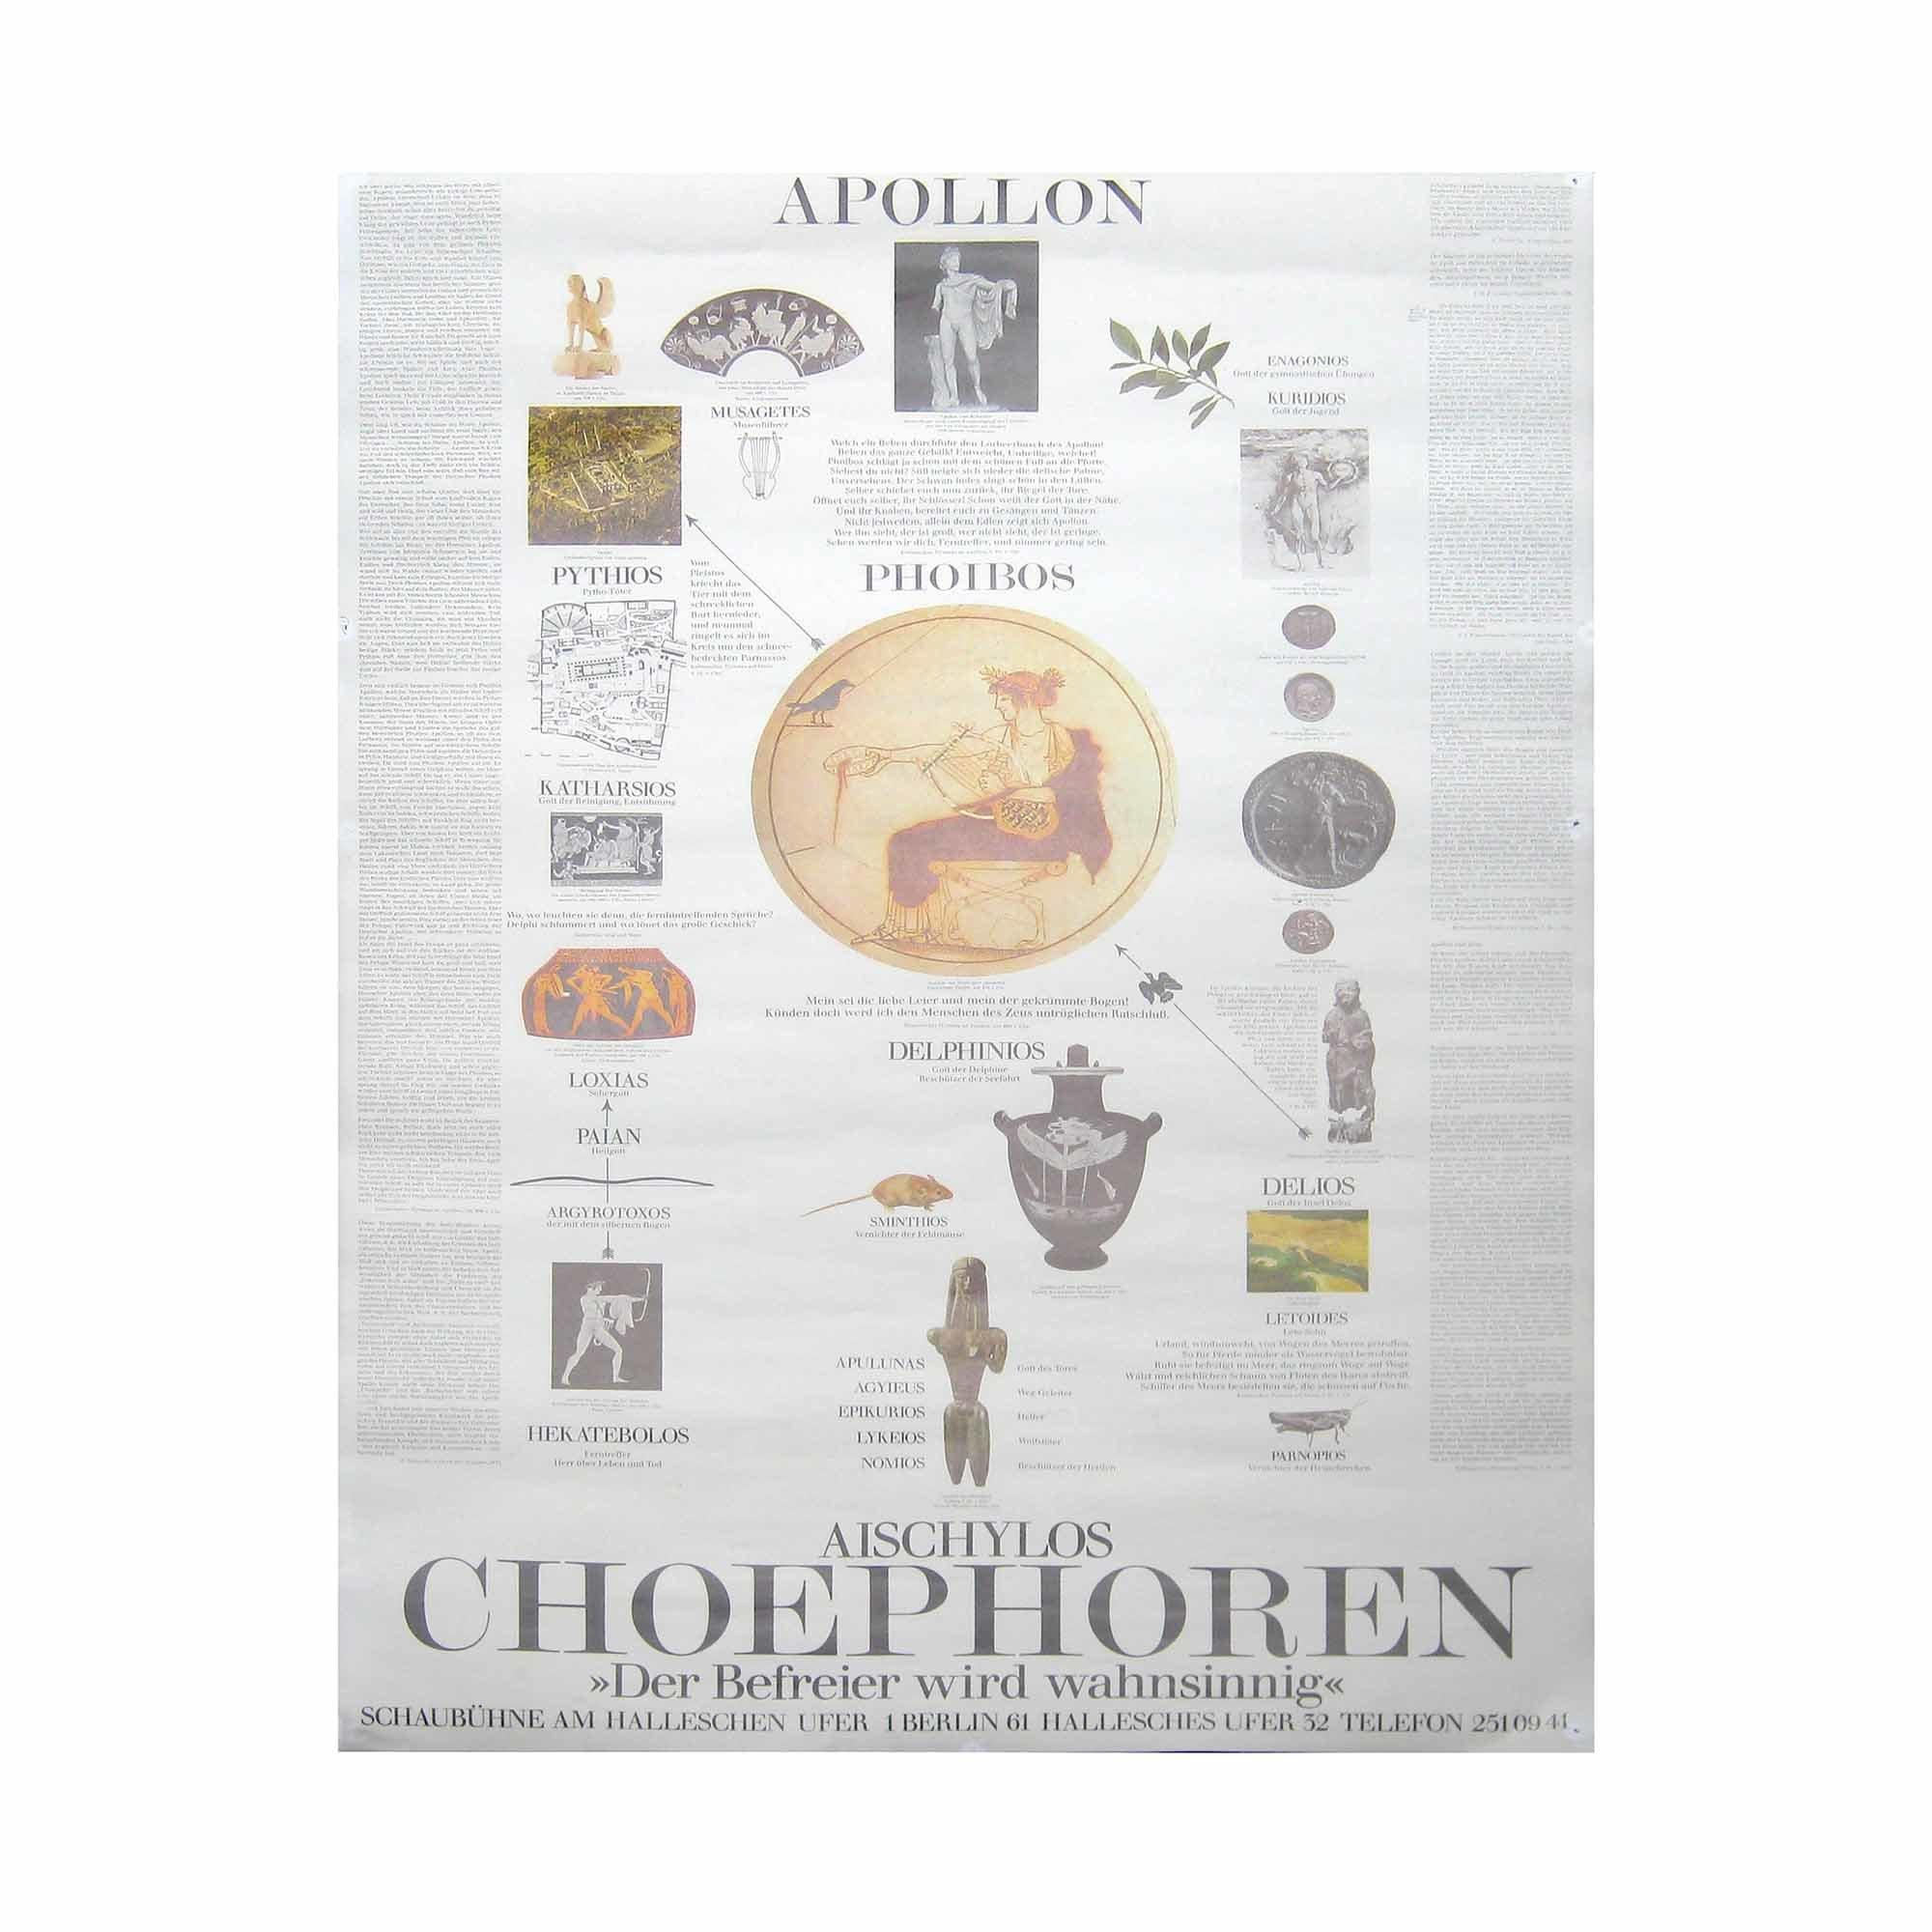 8055 Antikenprojekt Choephoren Schaubühne 3 1980 1 N